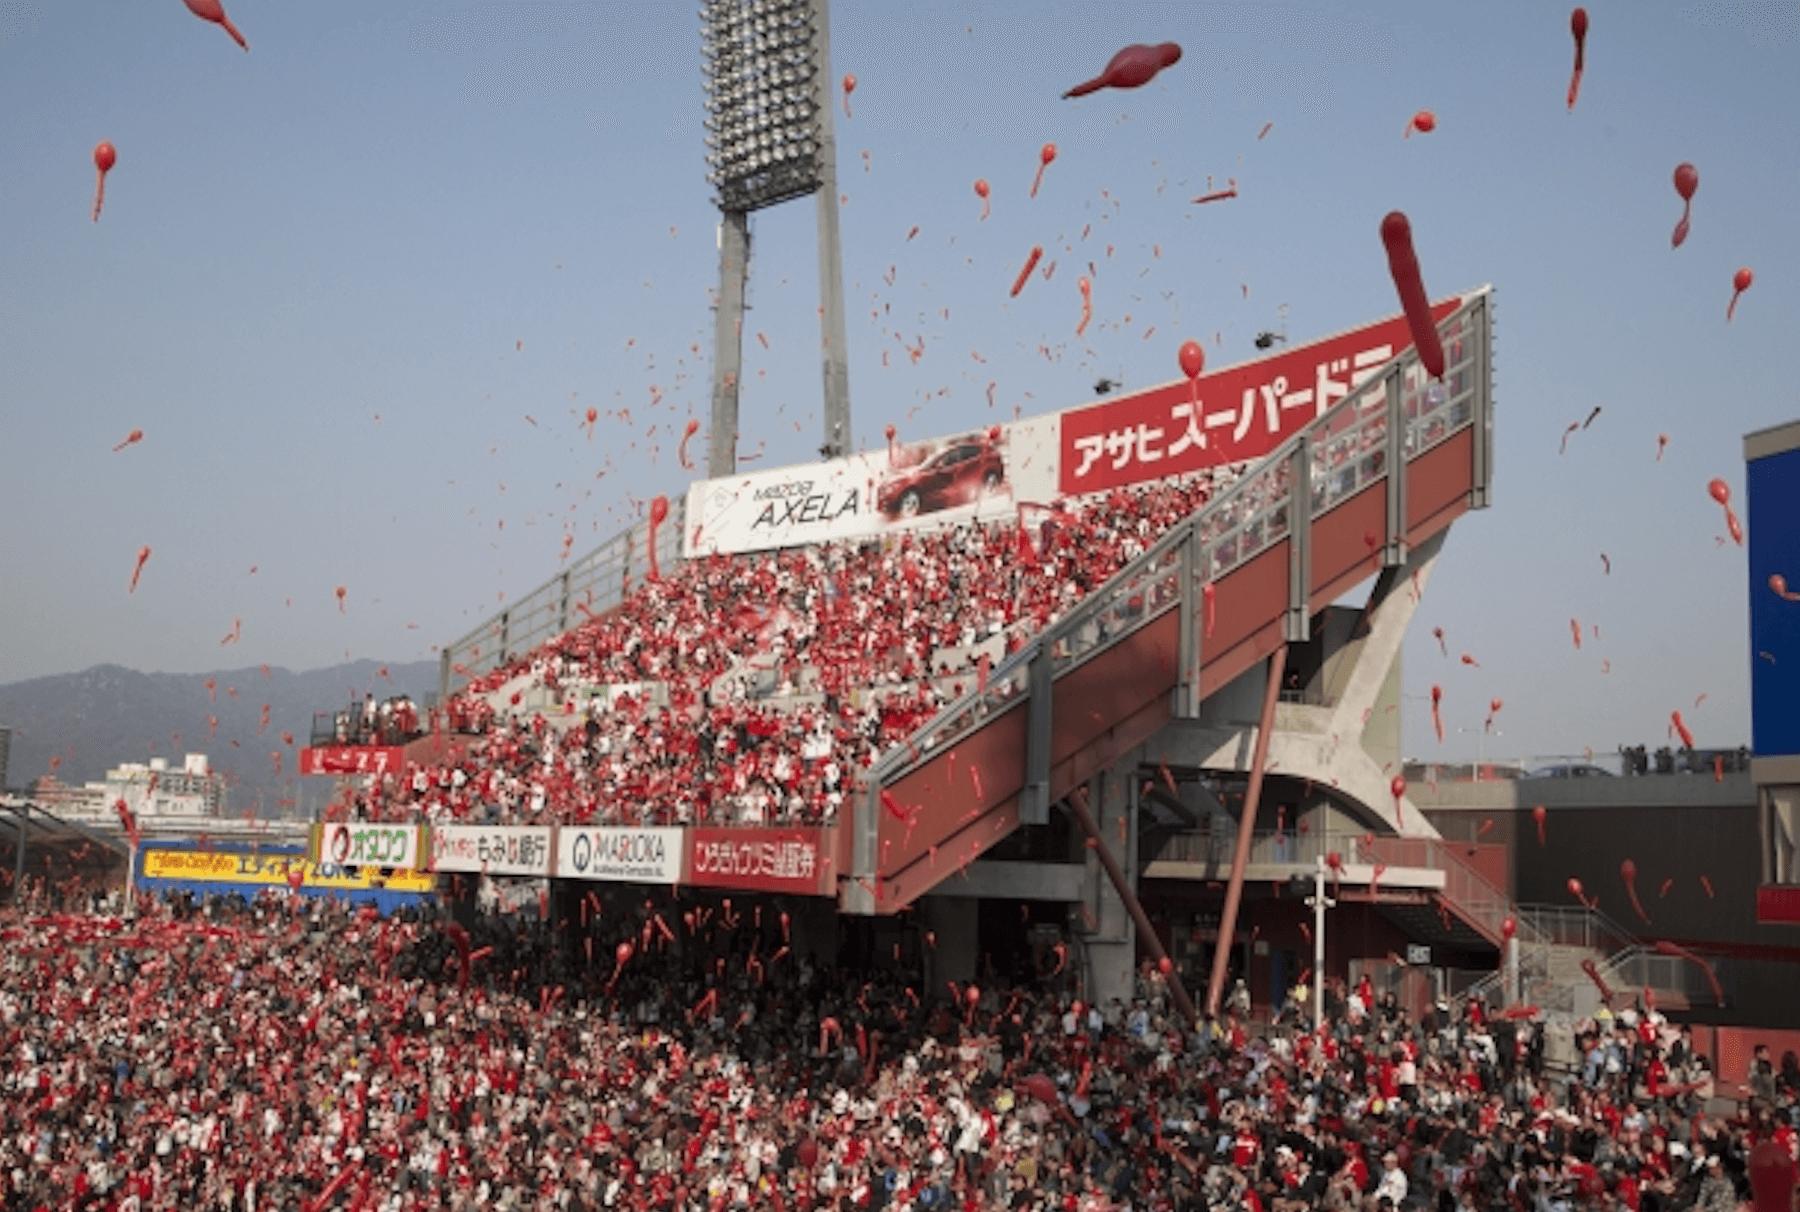 マツダスタジアムの象徴「カープパフォーマンス席」の画像